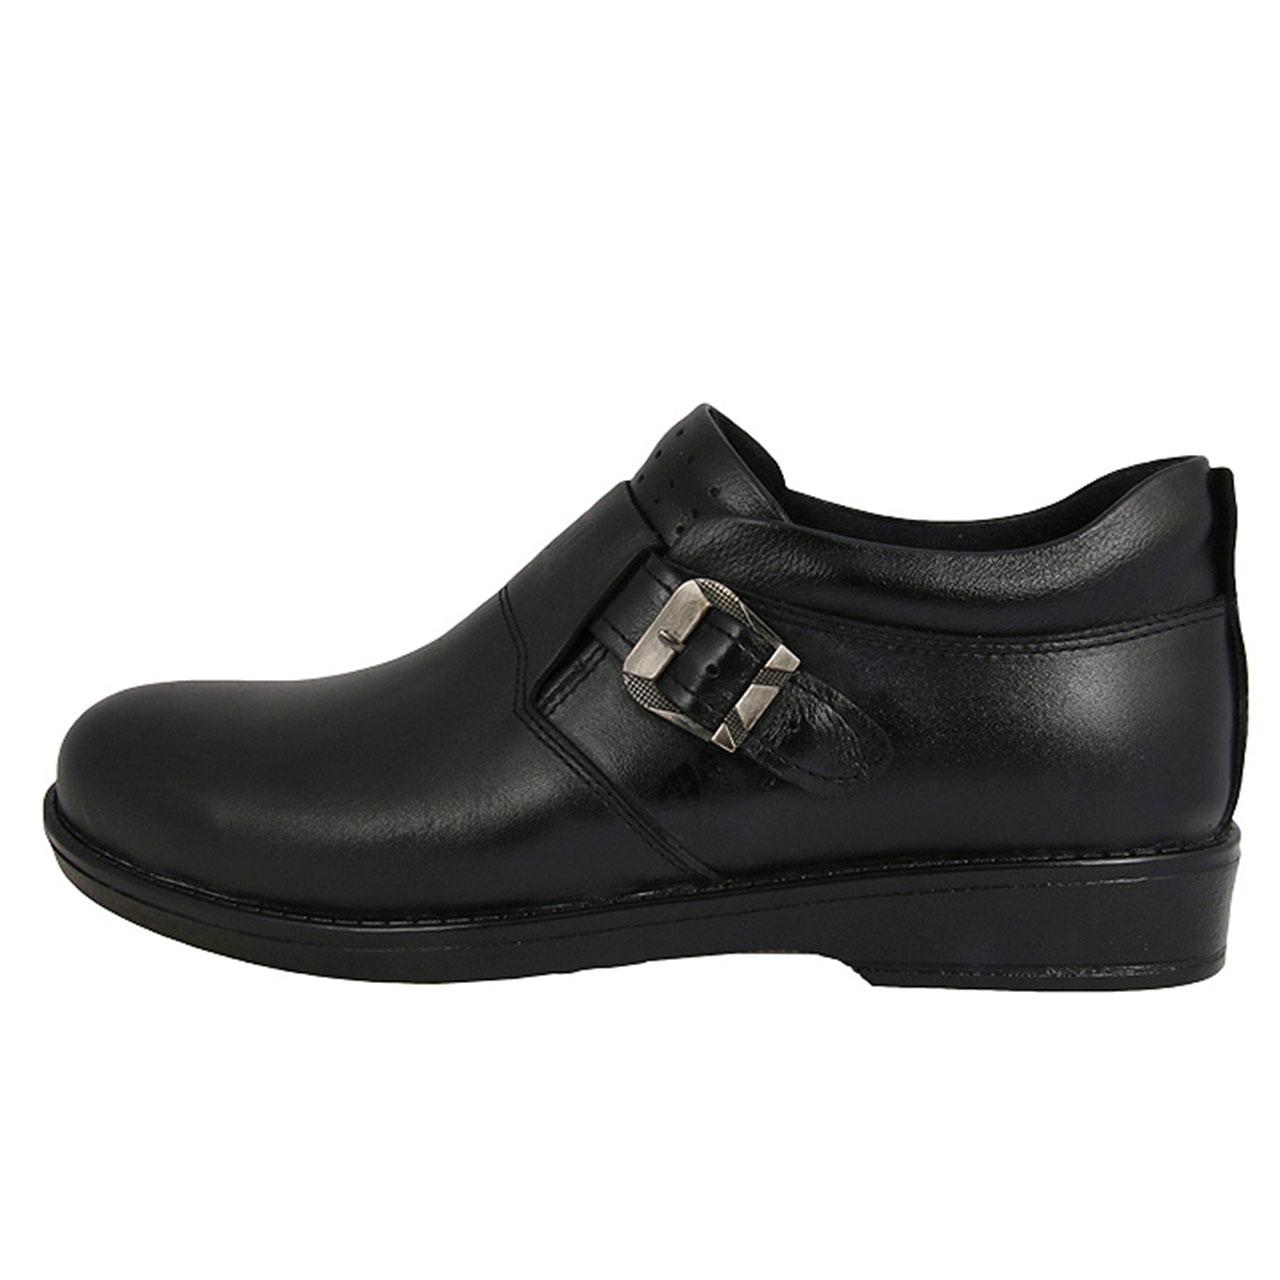 کفش مردانه چرم طبیعی سگک دار کد 324046402